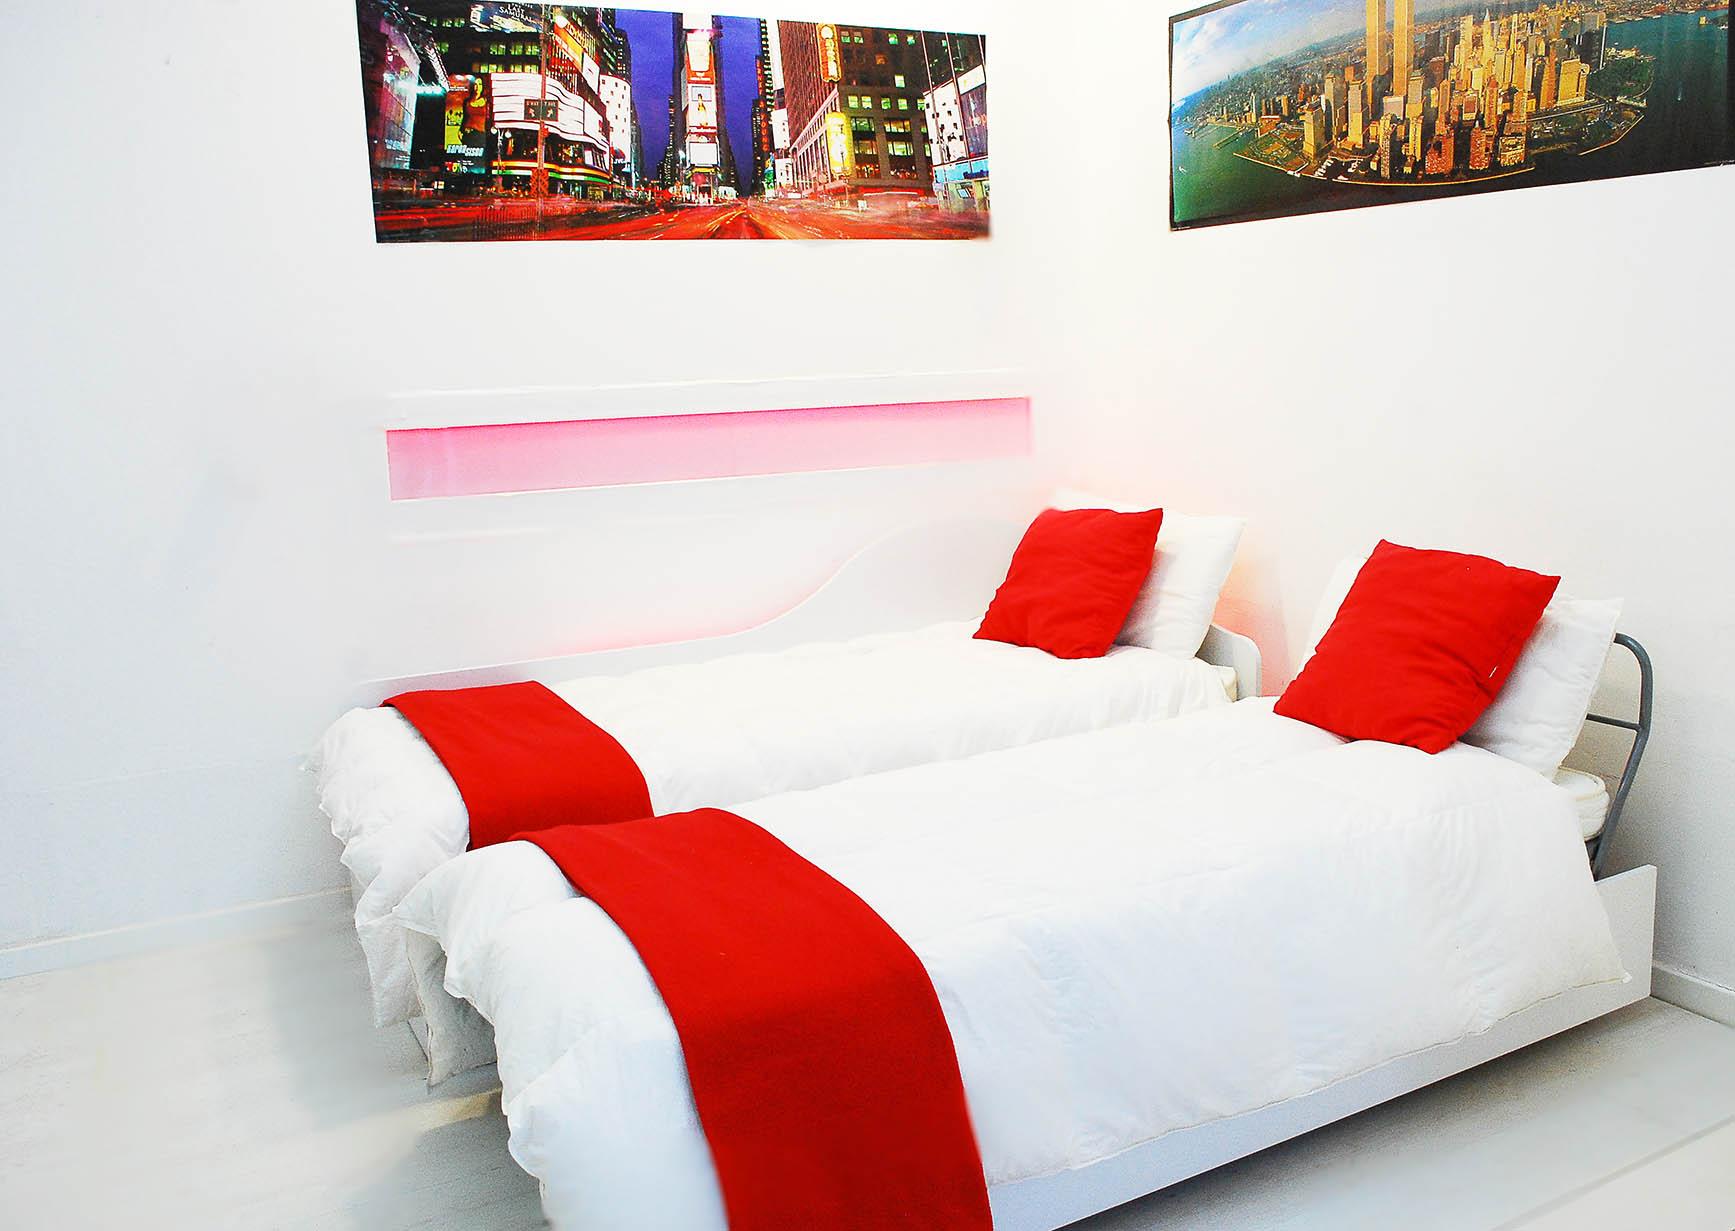 Dormeuse Divano Letto.Divano Letto Estraibile Matrimoniale Dormeuse Bed